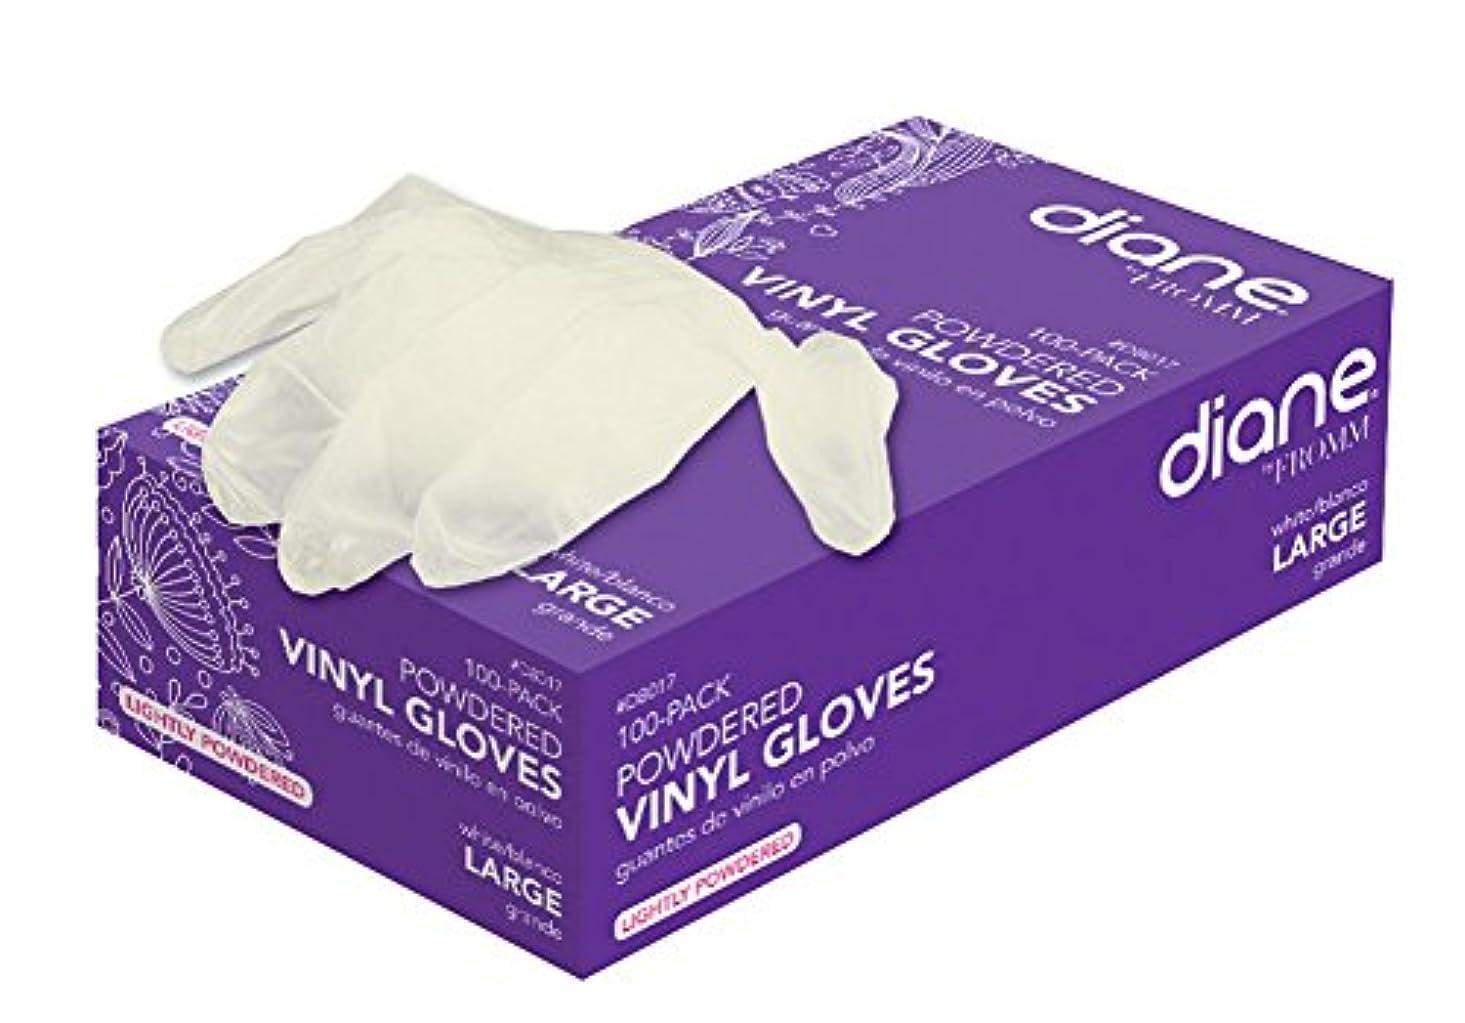 びっくり方向橋脚Diane D8015ビニール粉末手袋で - 小さい